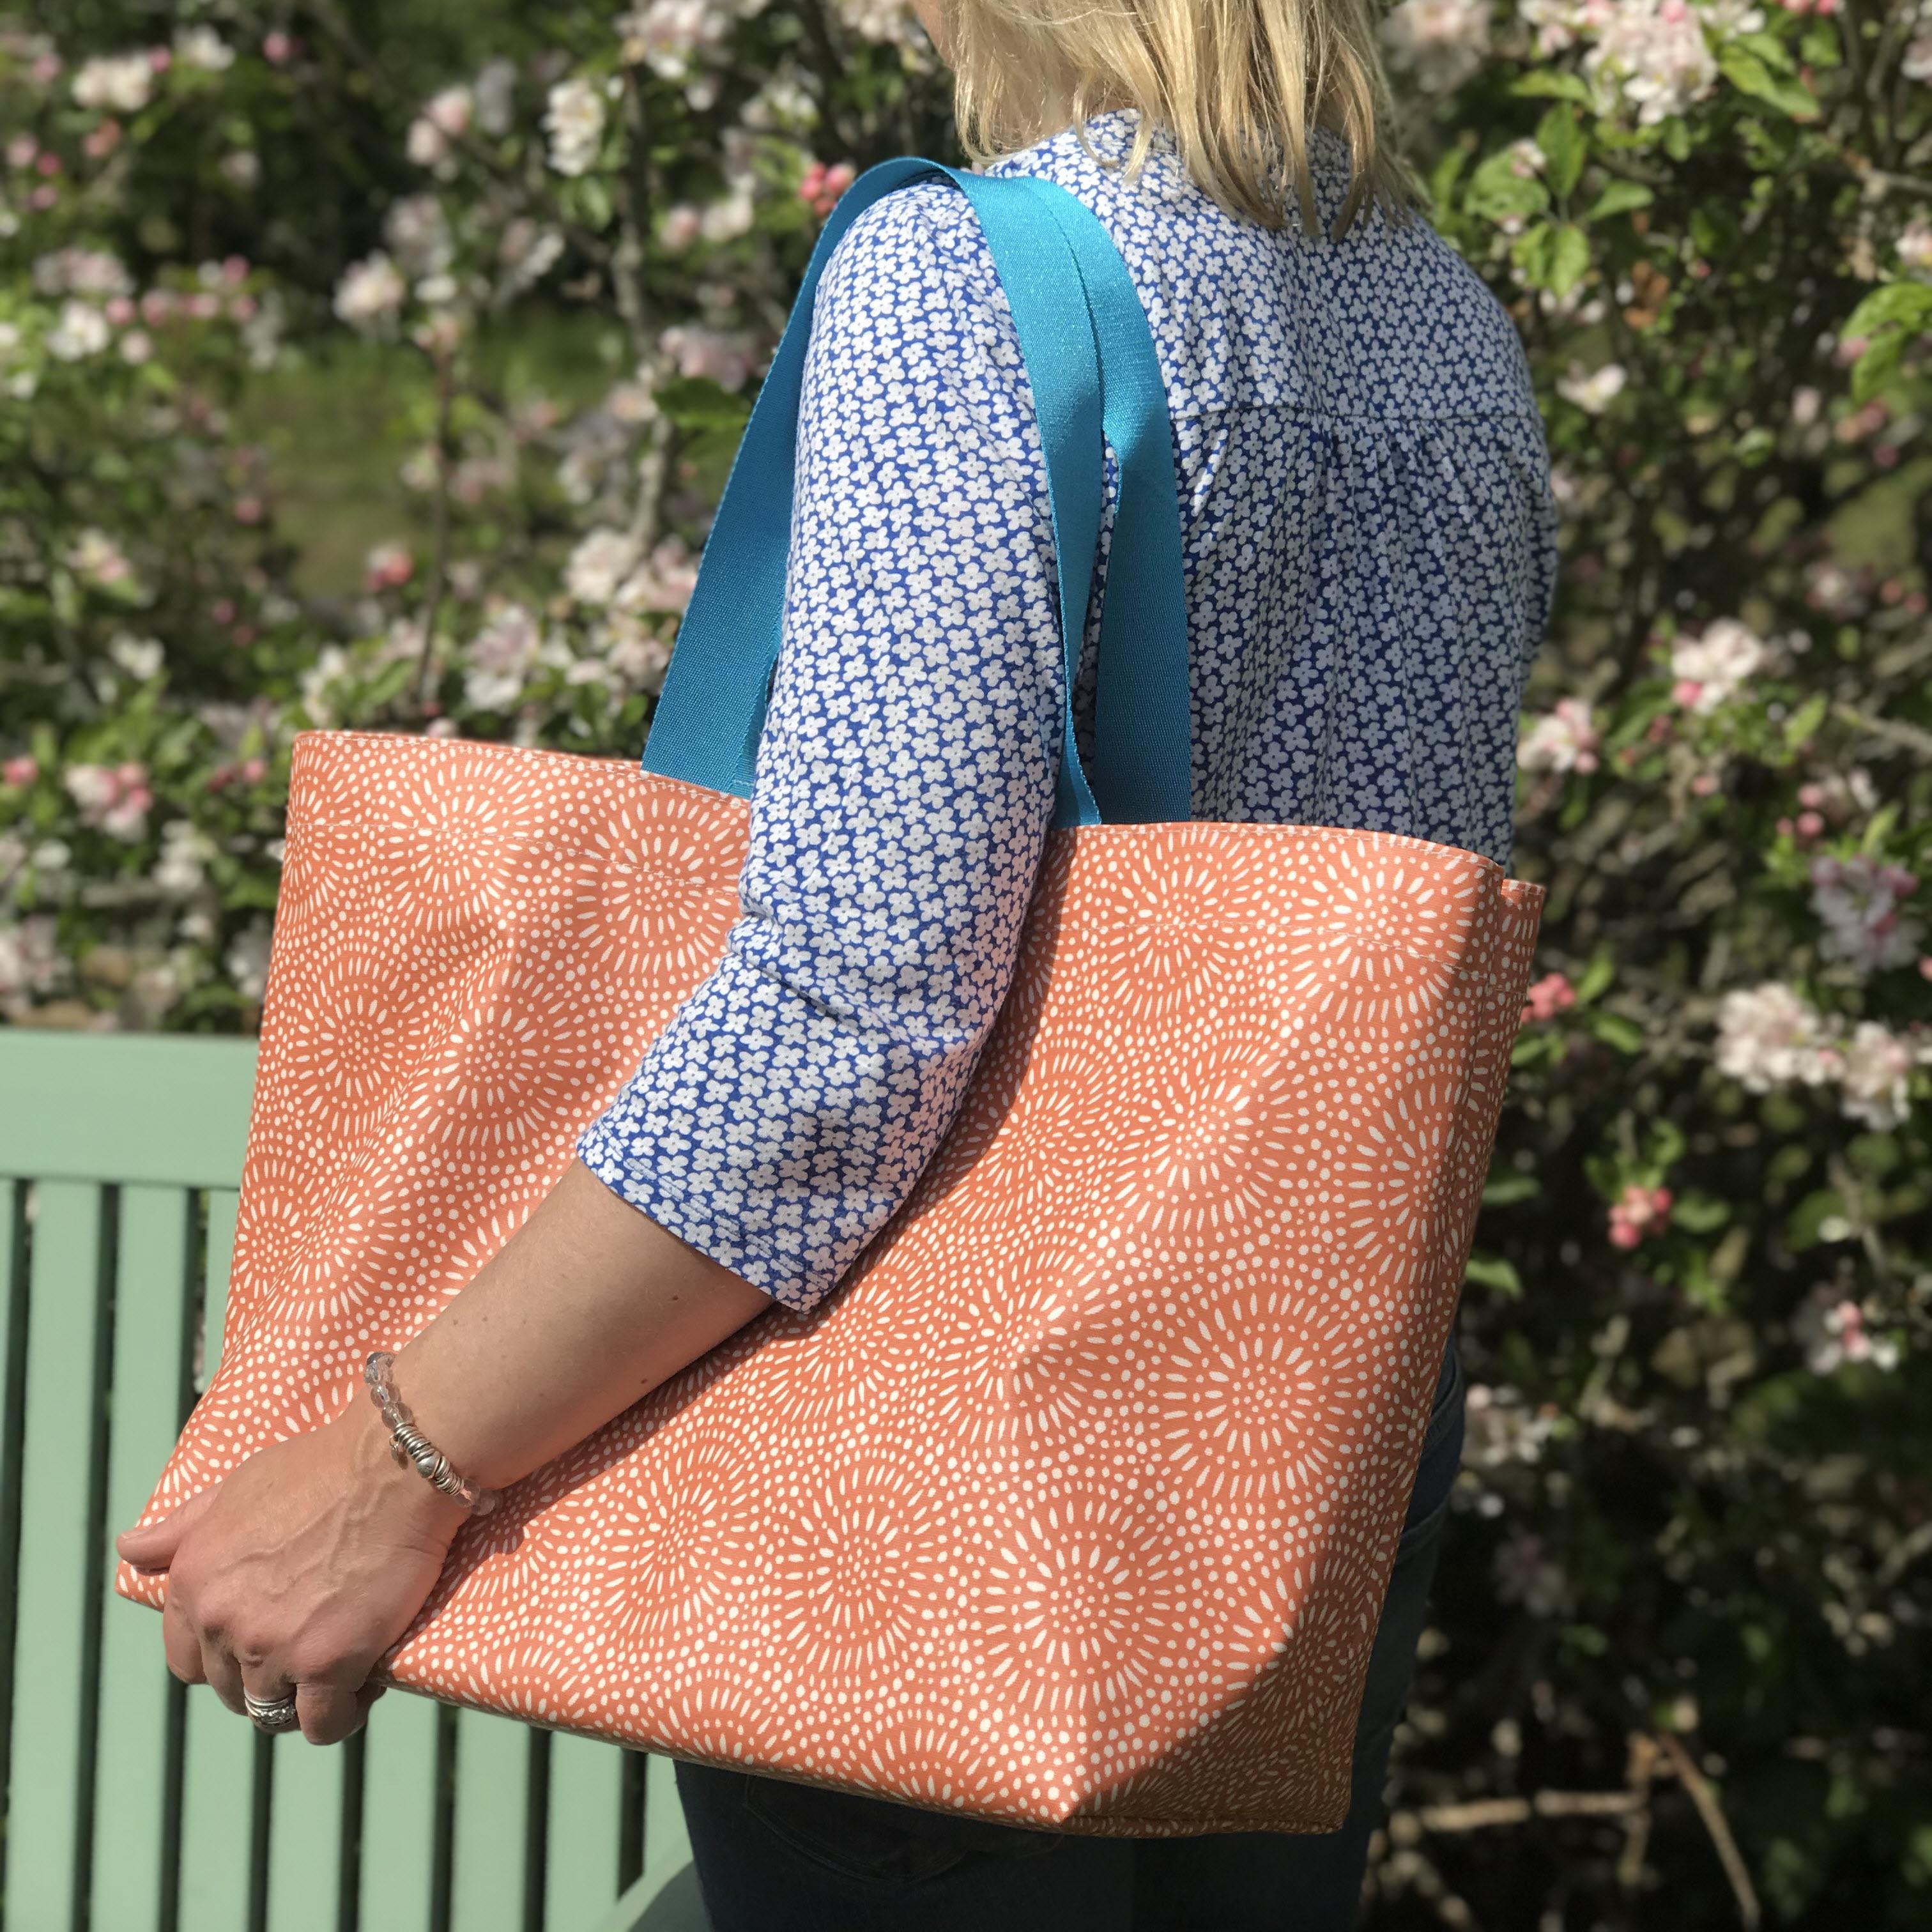 Amber Sunburst Extra Large Bag with New flat Turquoise Handles